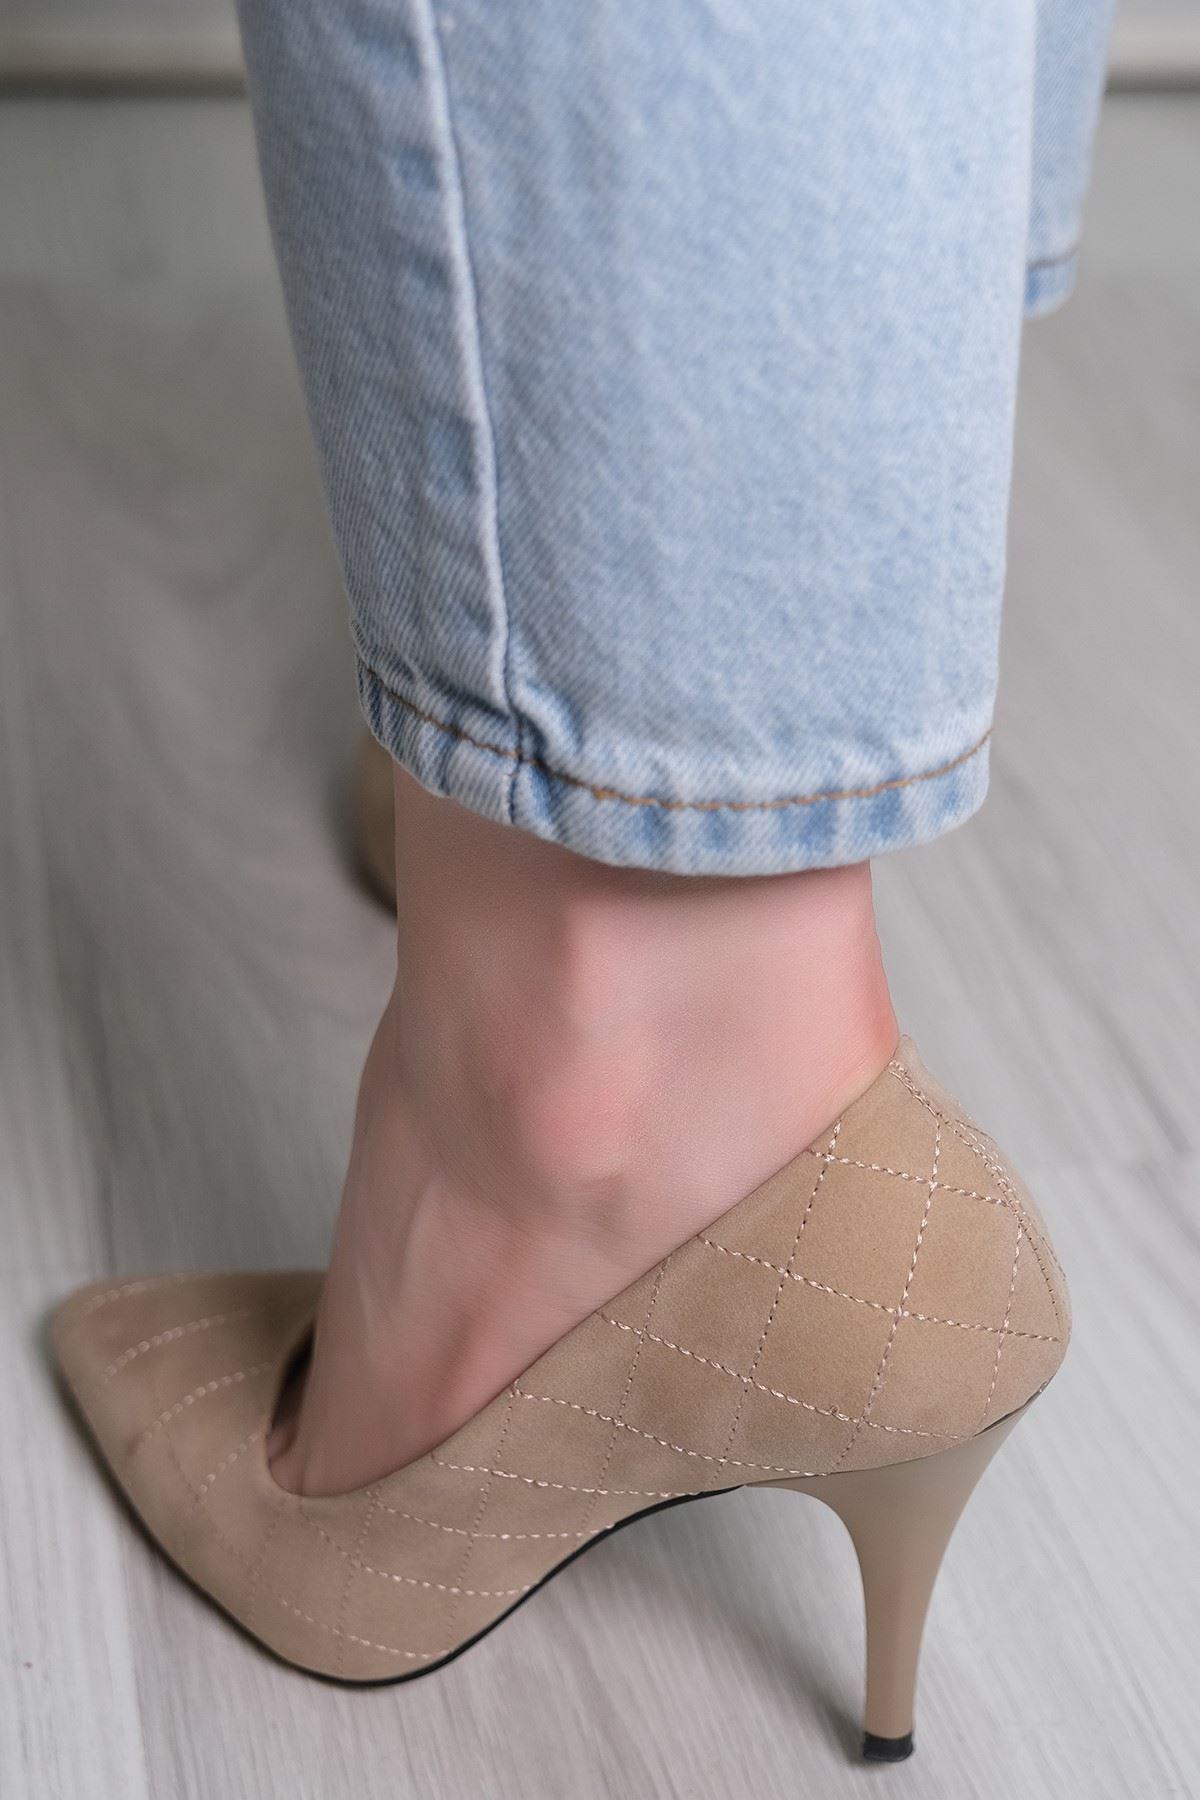 9 Cm Topuklu Ayakkabı Süetbej - 5781.264.